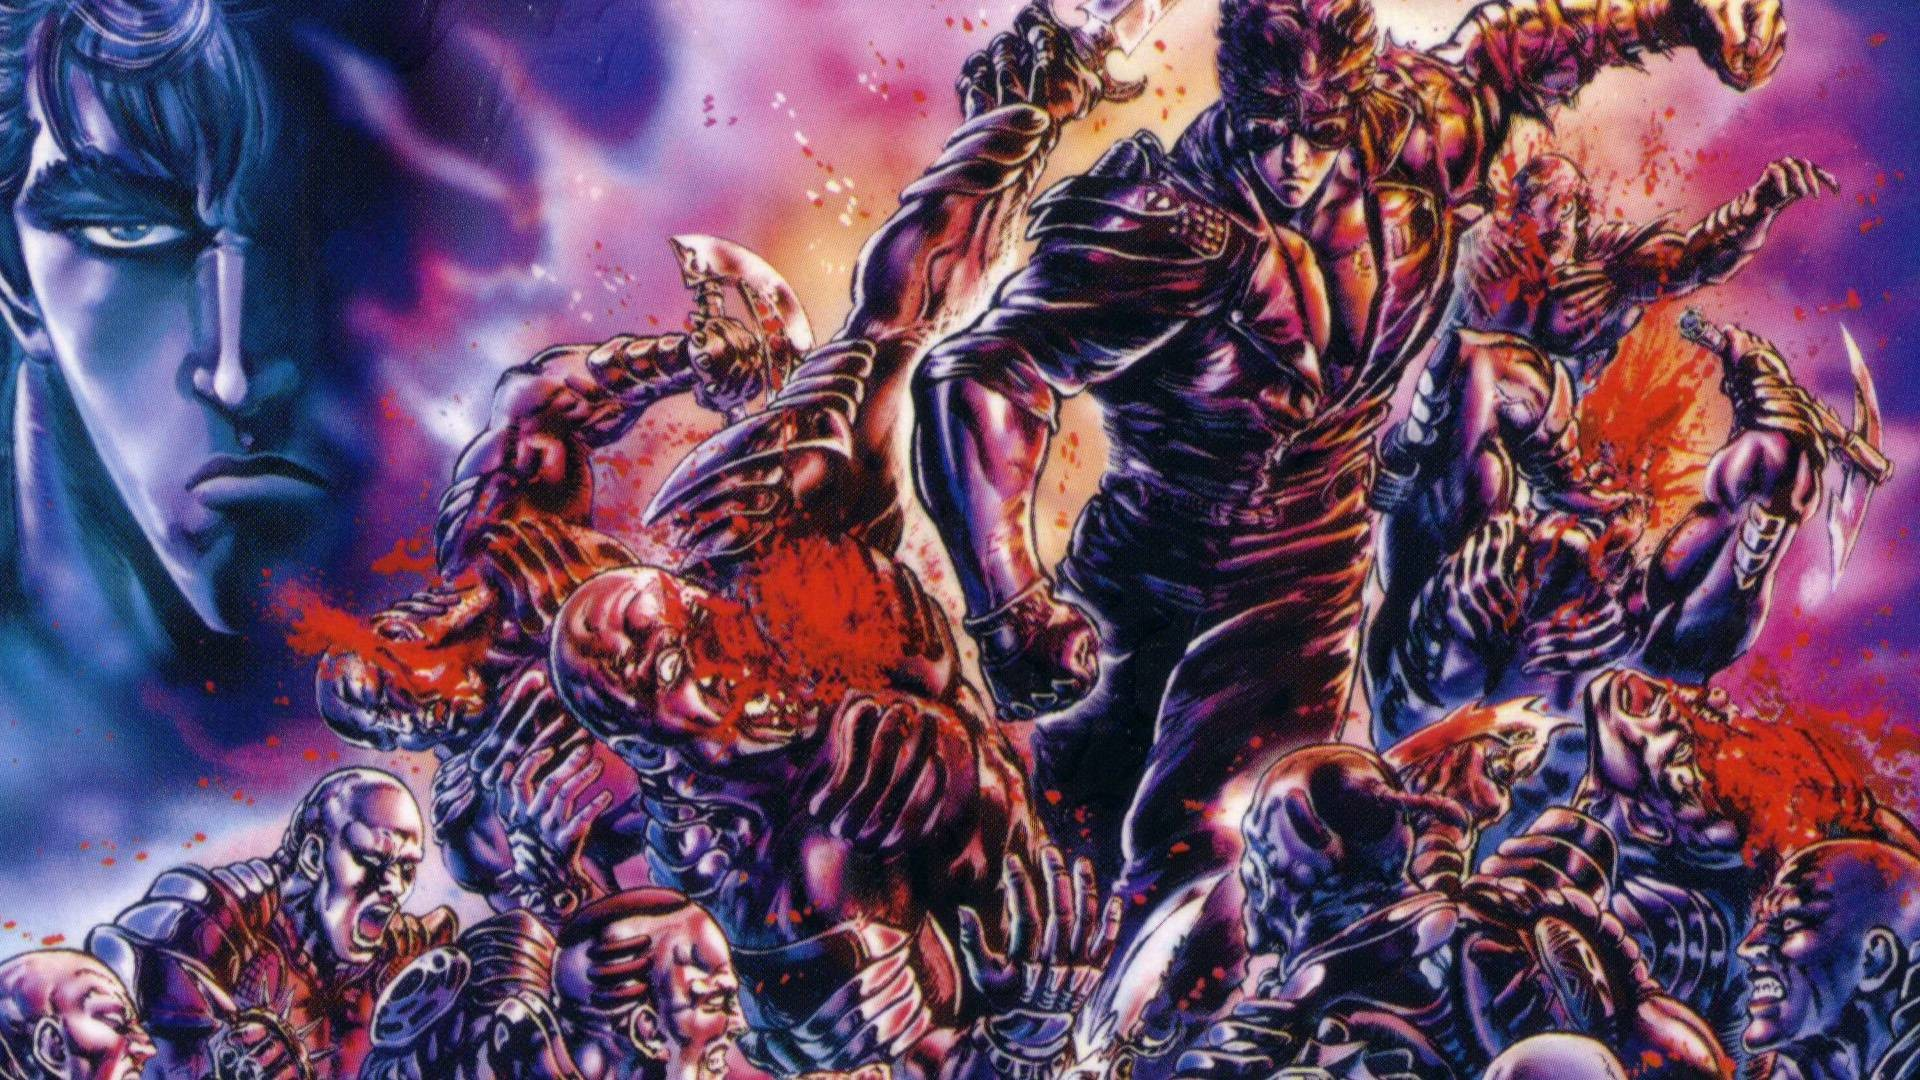 Hokuto no ken wallpaper 60 images - Ken hd wallpaper ...